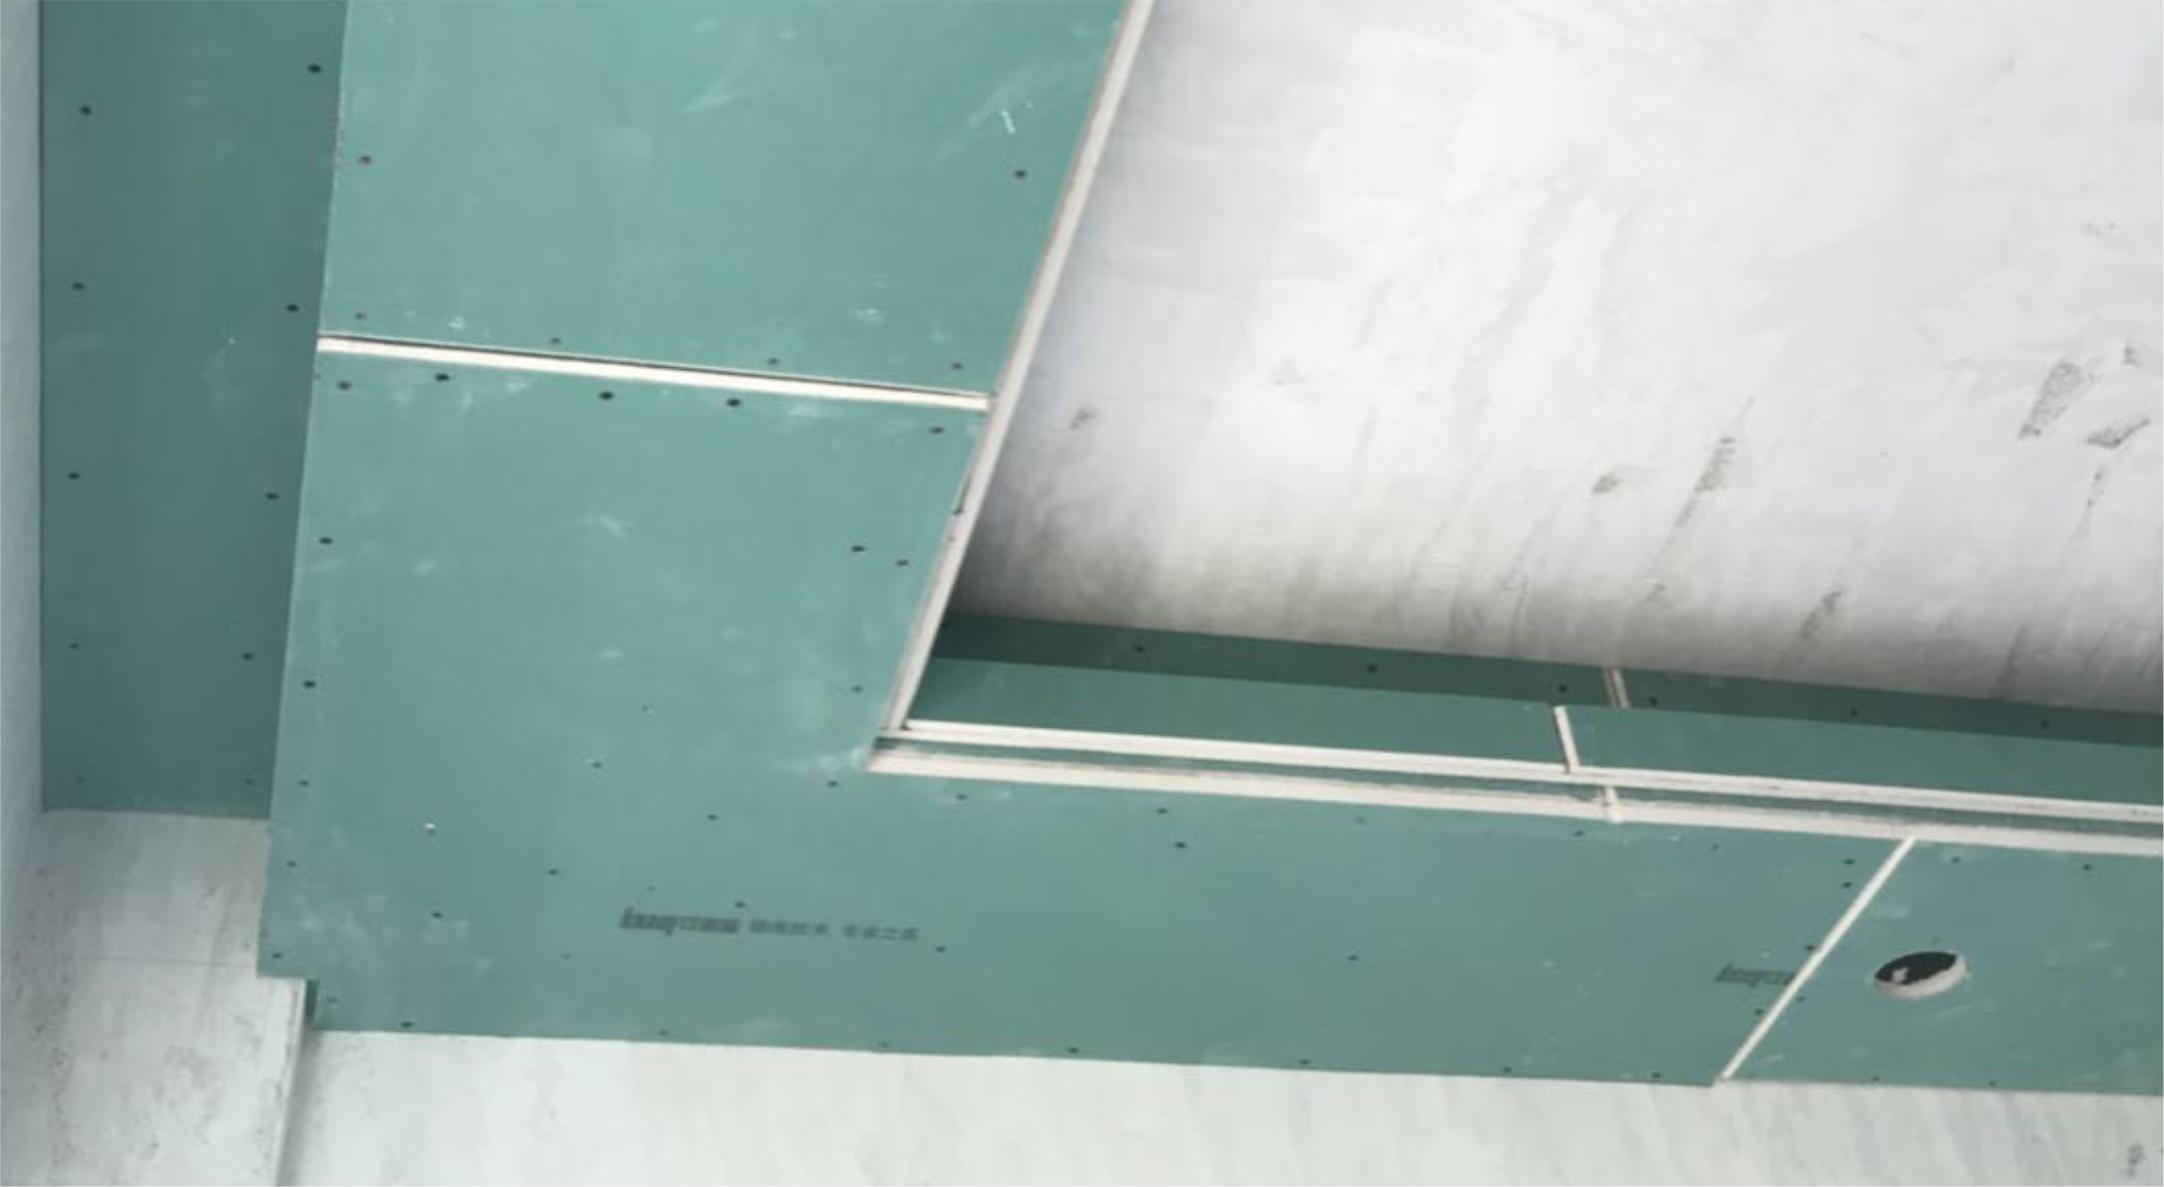 吊顶转角L型整板防裂工艺——防止吊顶转角处开裂